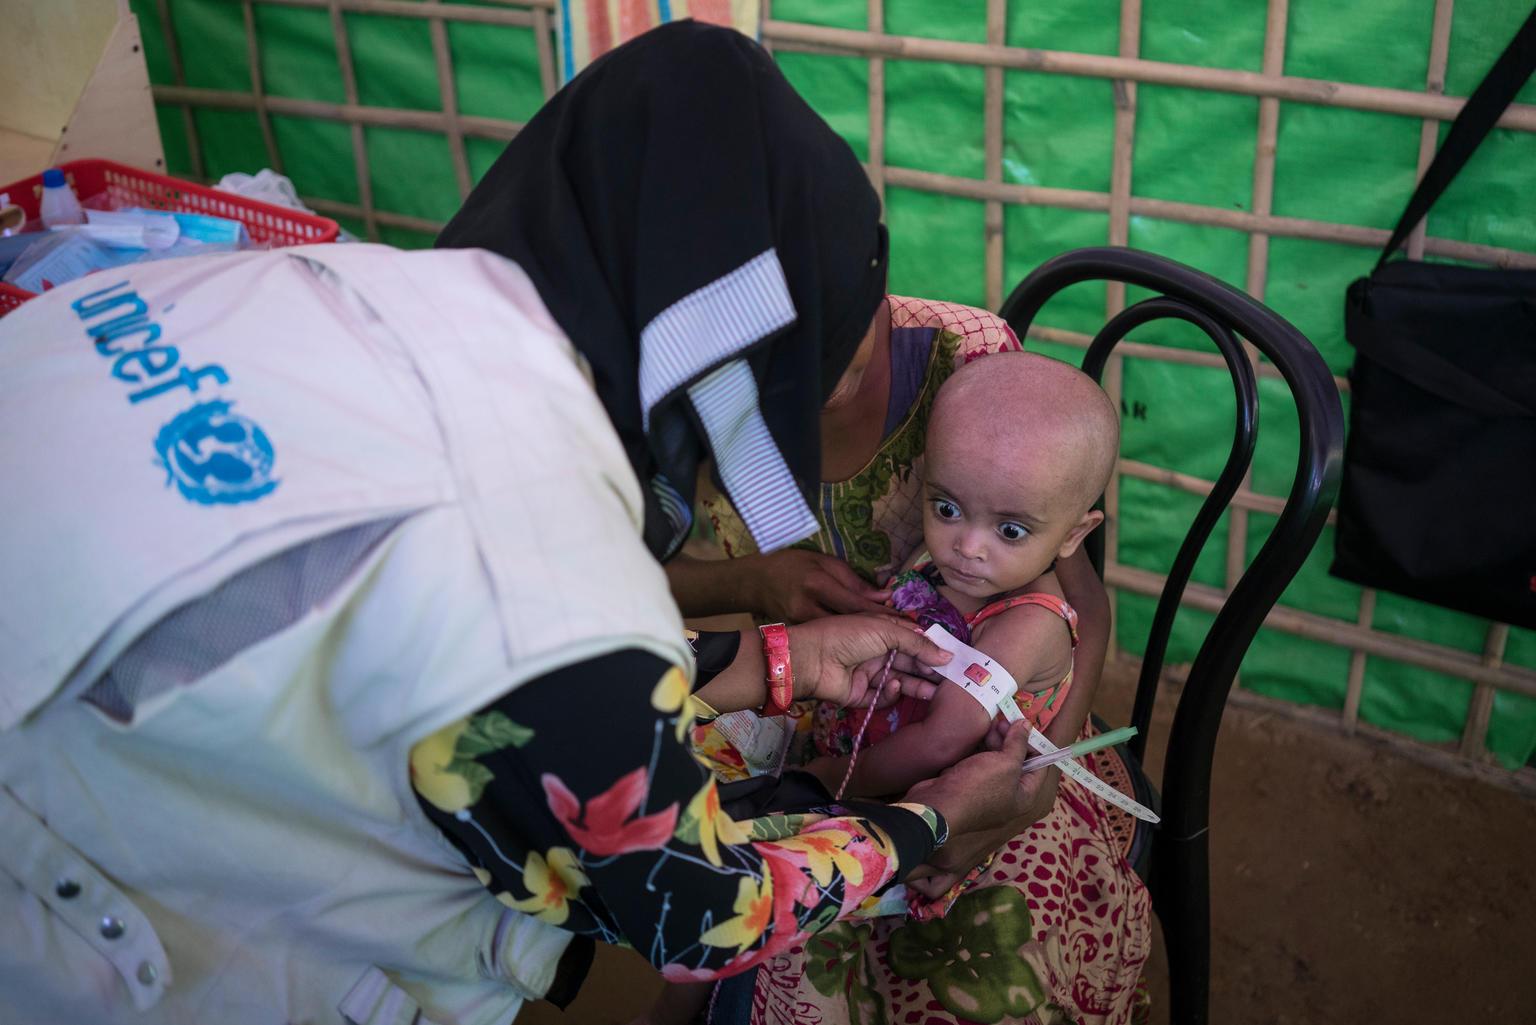 Les enfants rohingyas ne devraient pas souffrir de